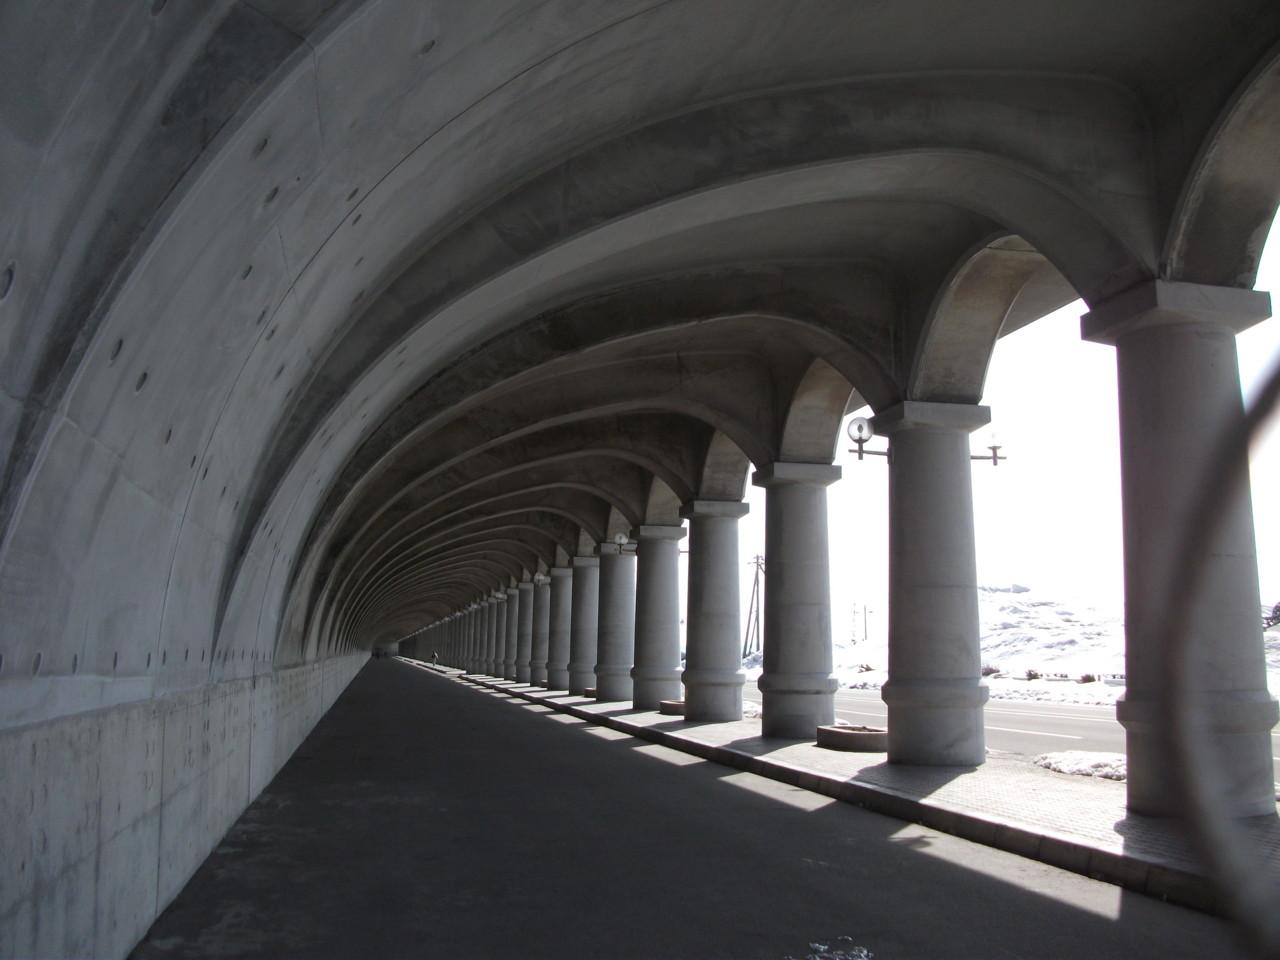 09:27 北防波堤ドーム内部